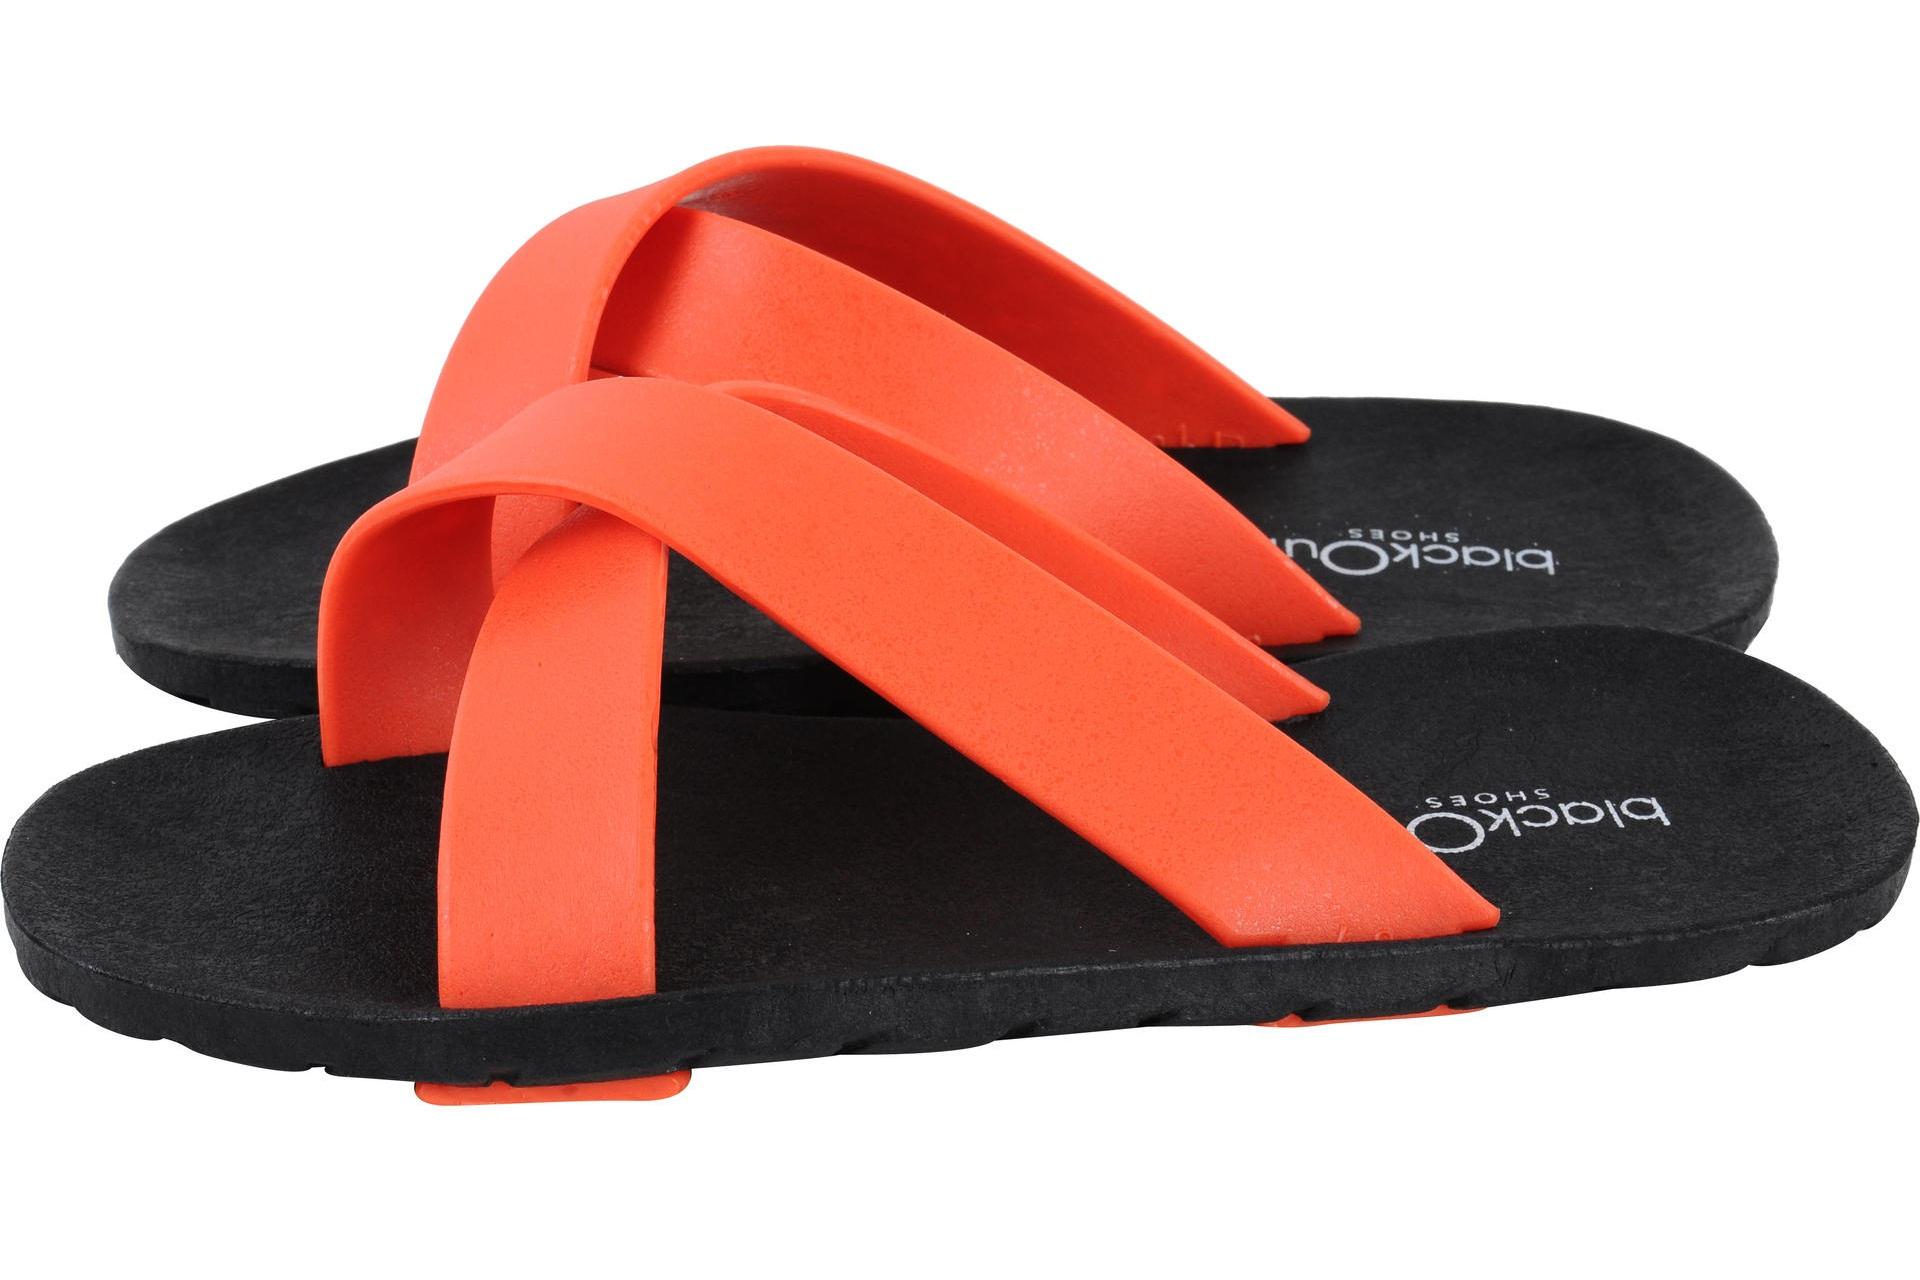 CROSS-พื้นดำ-สายสีส้ม